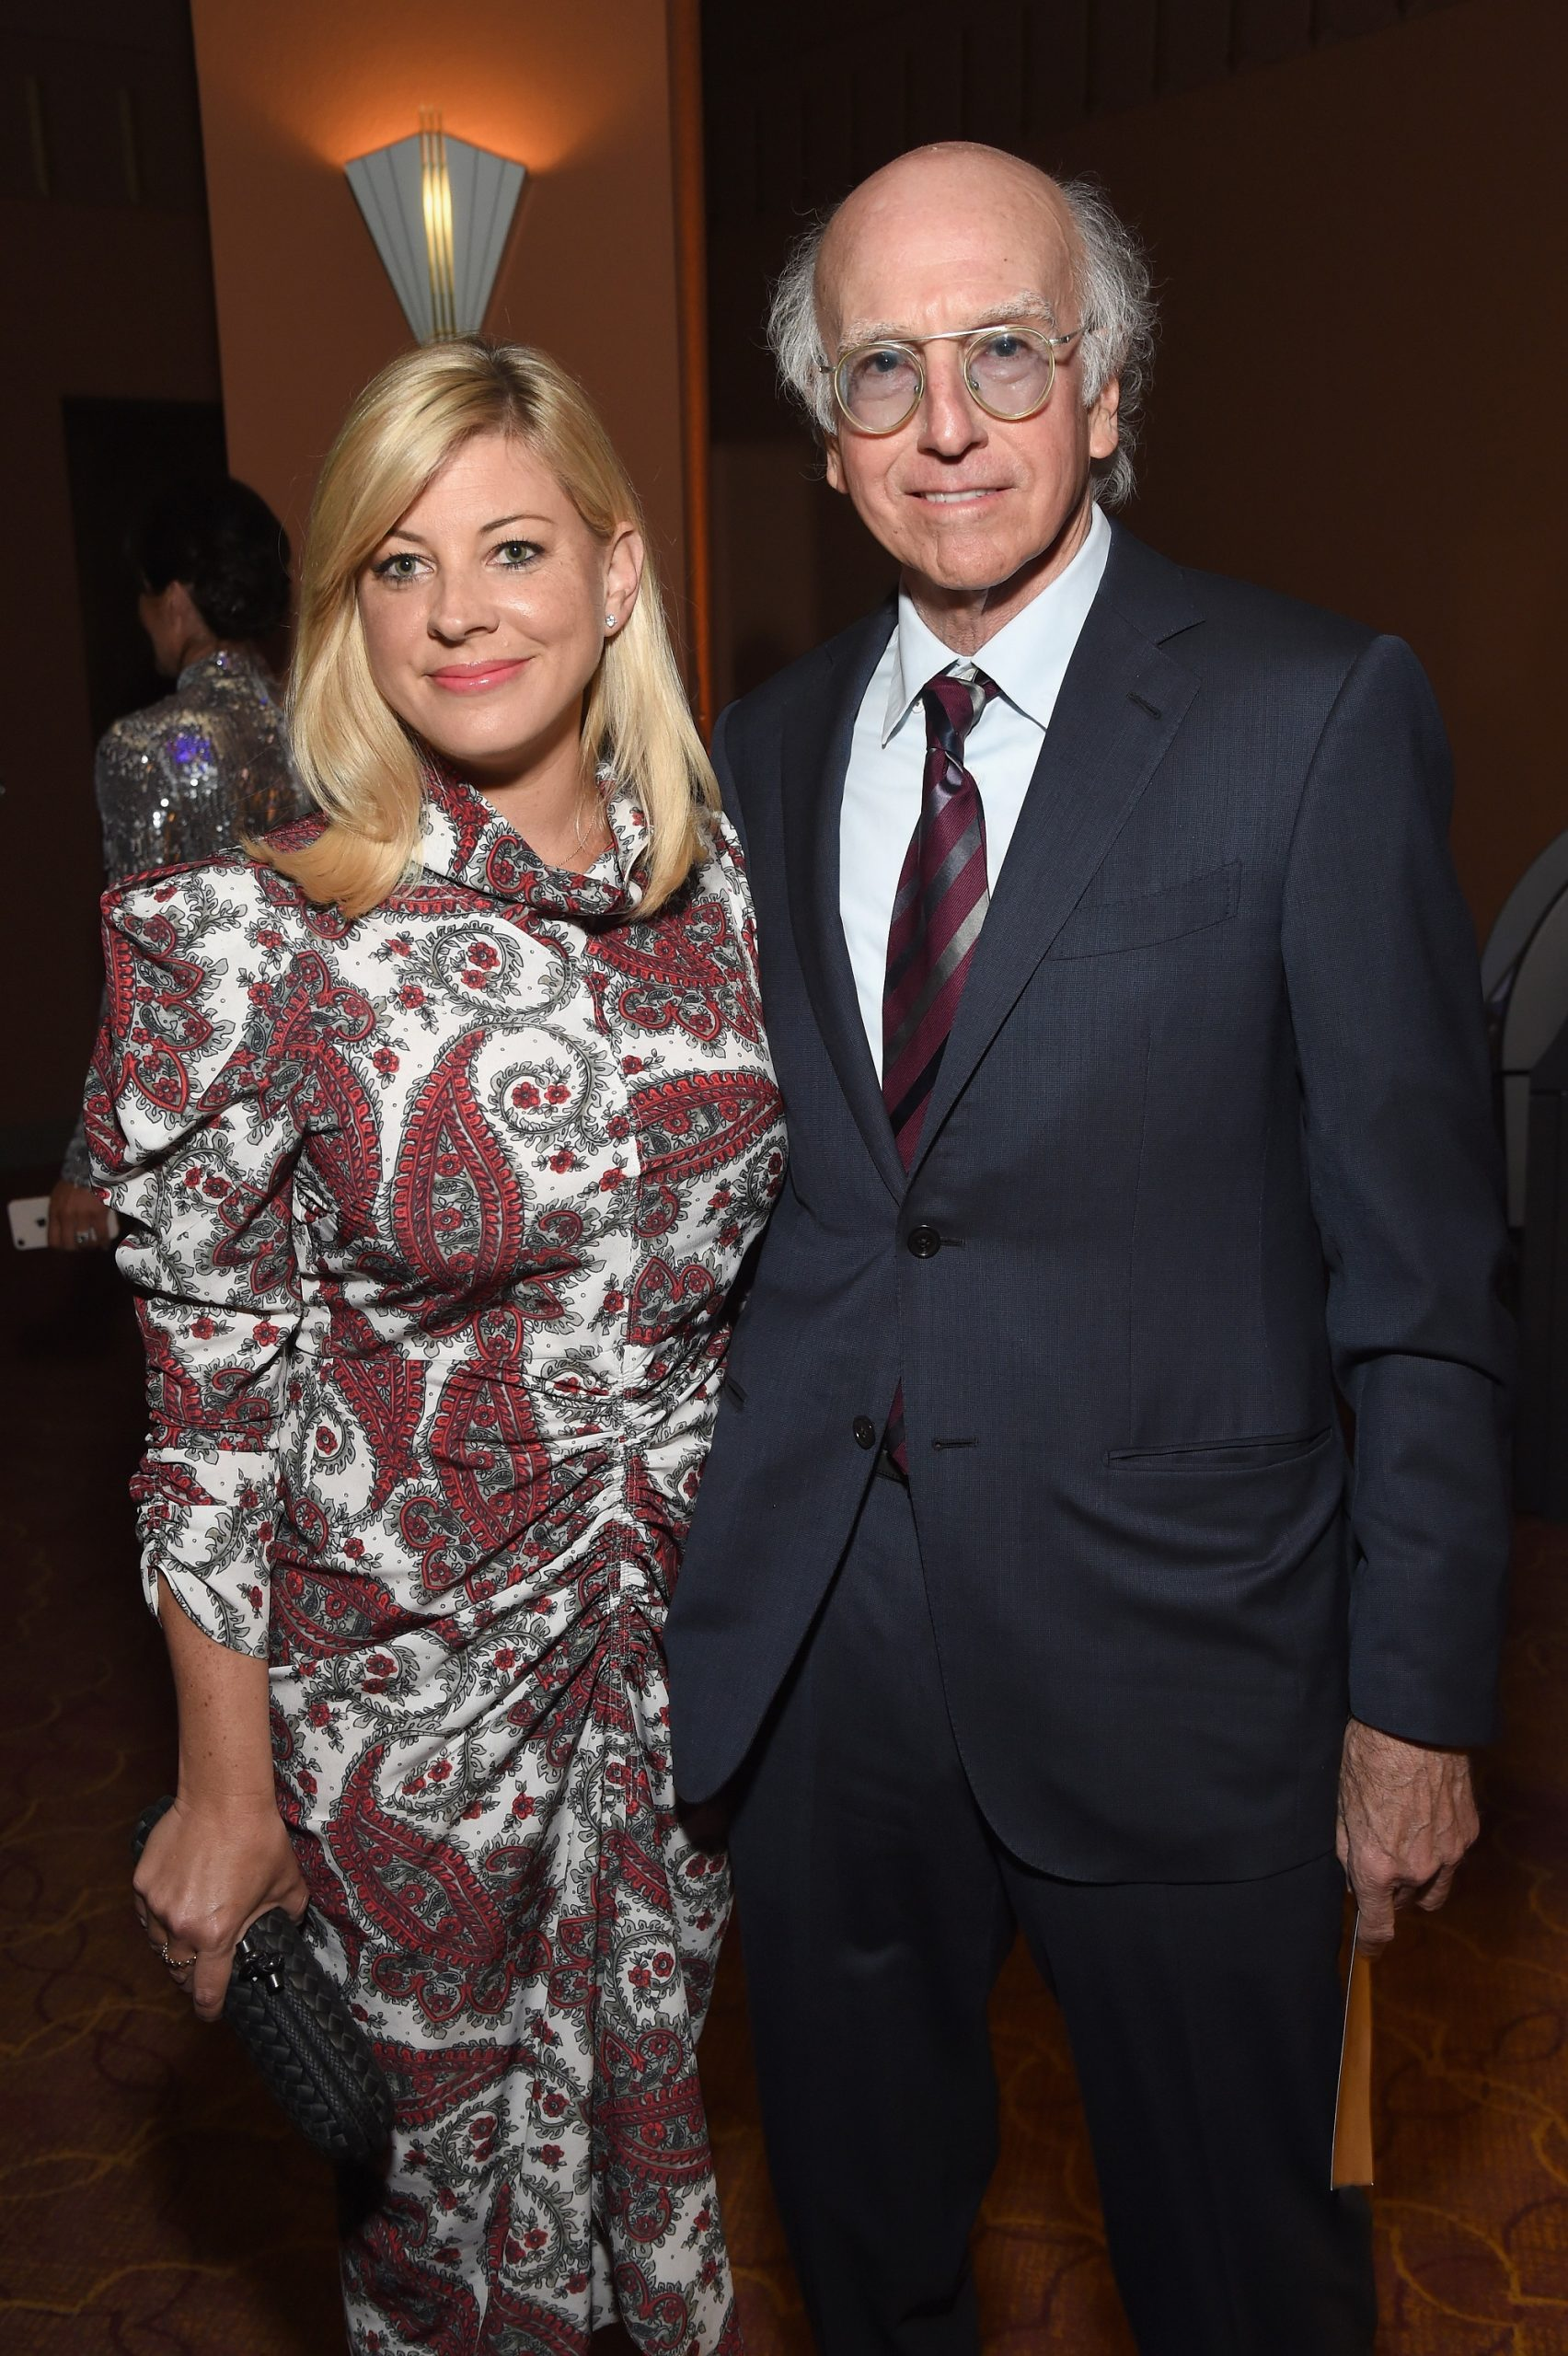 Ashley Underwood and Larry David